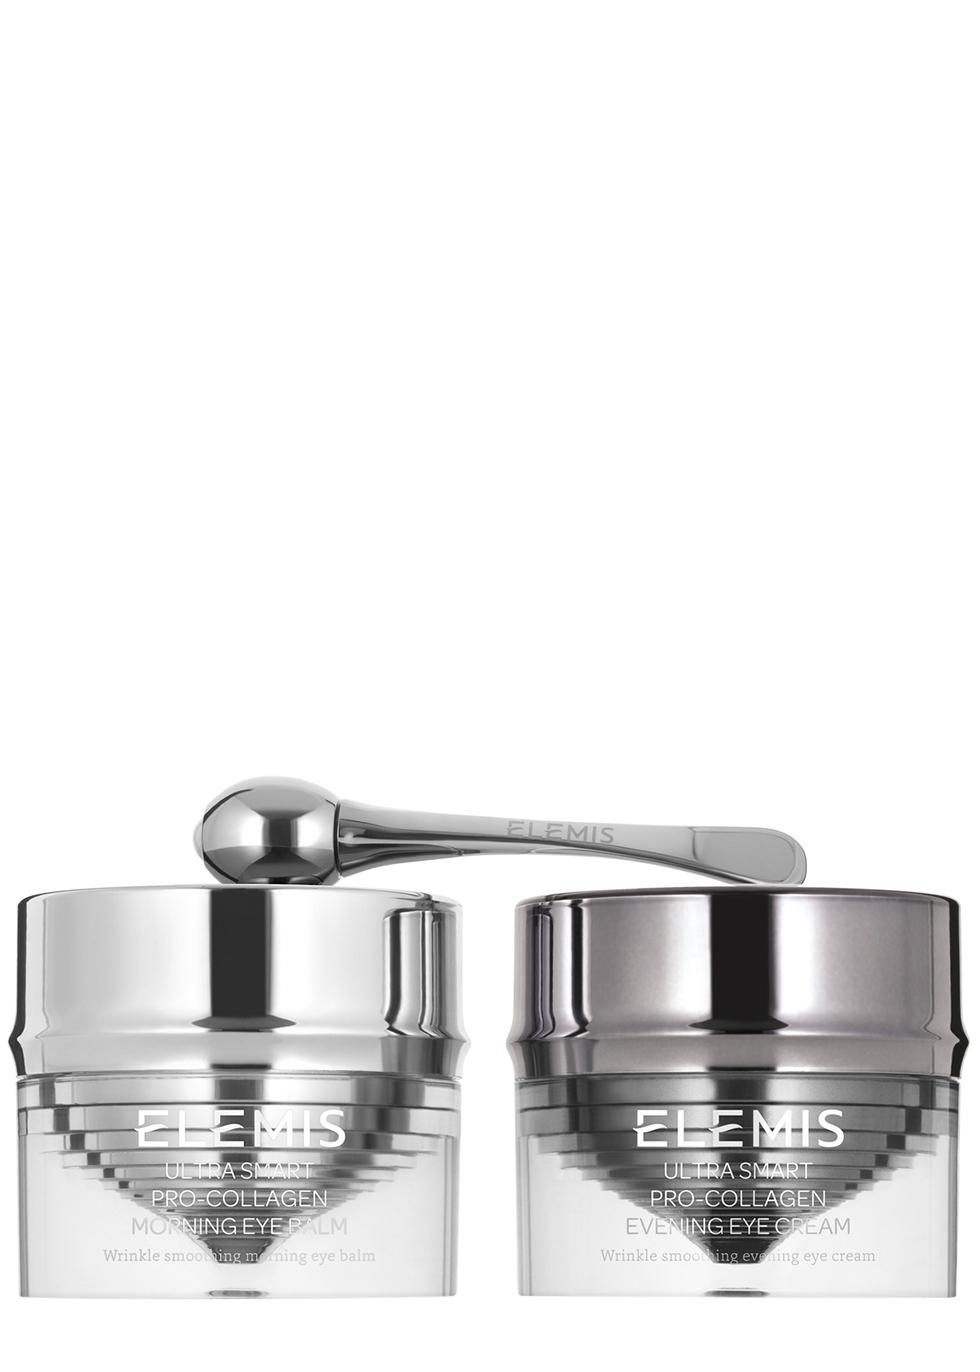 Ultra Smart Pro-Collagen Eye Treament Duo